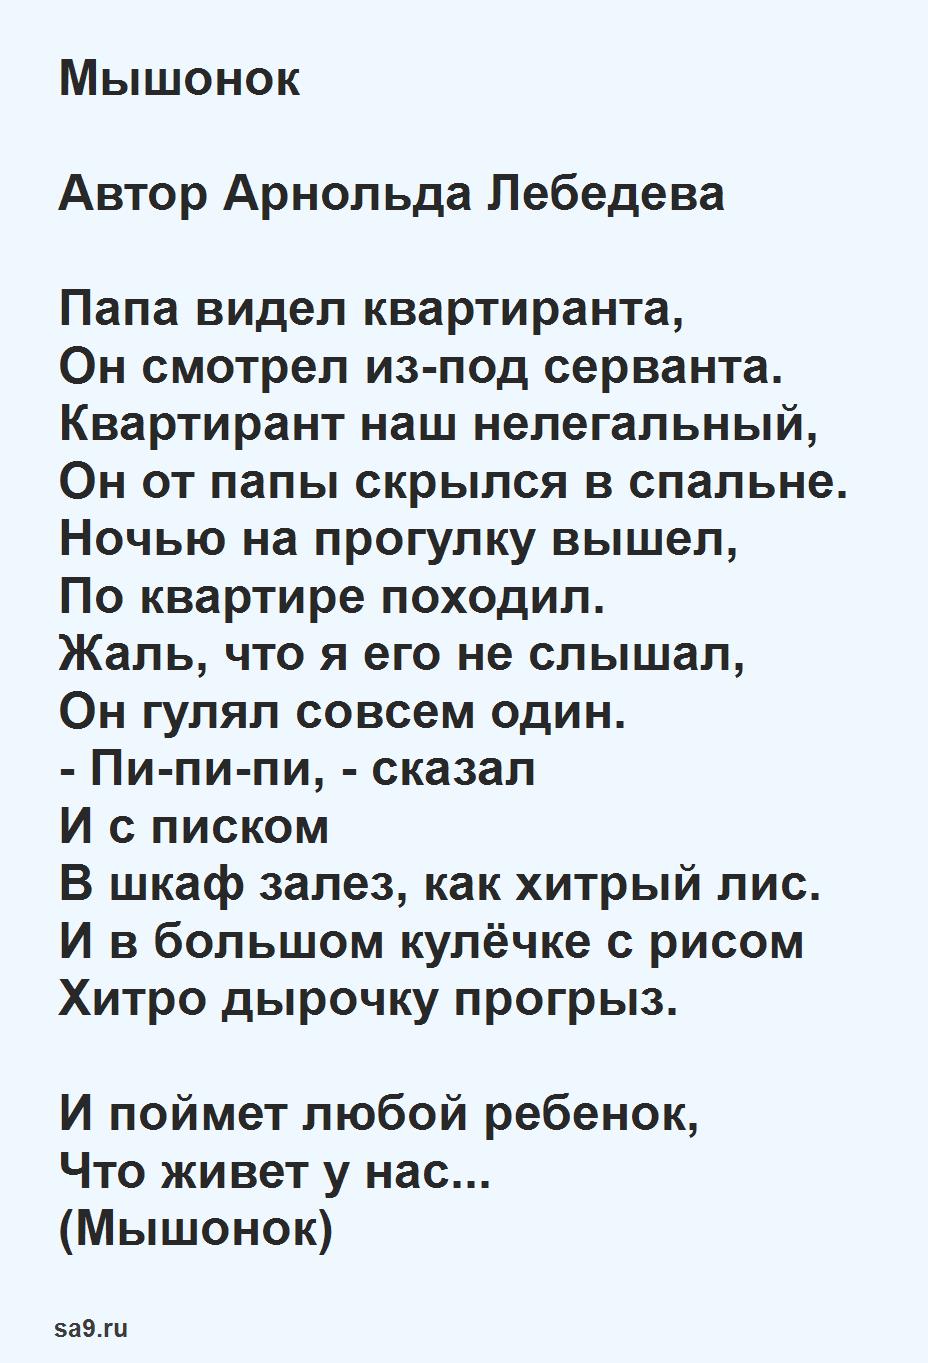 Стих про мышонка для детей